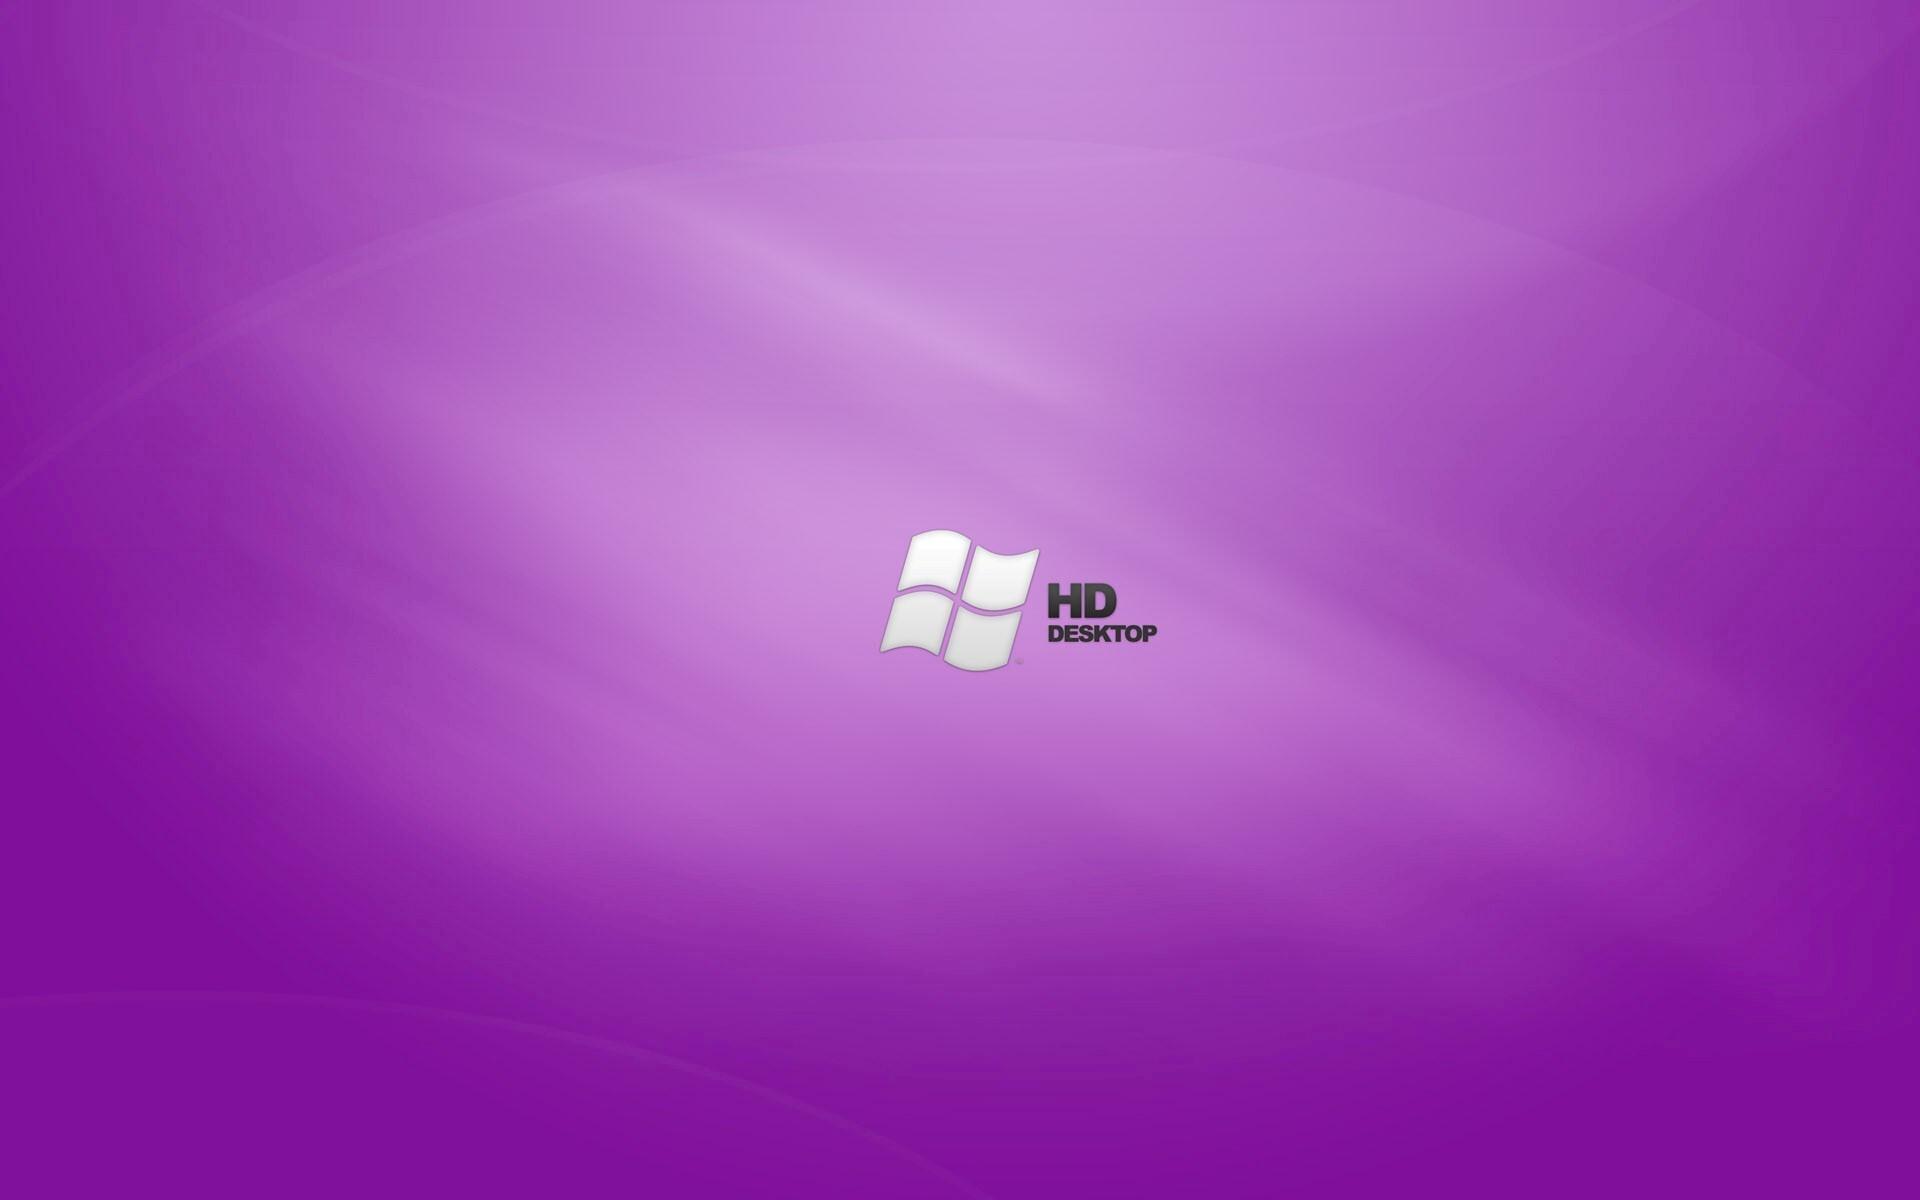 Windows HD Purple Background | HD Wallpapers